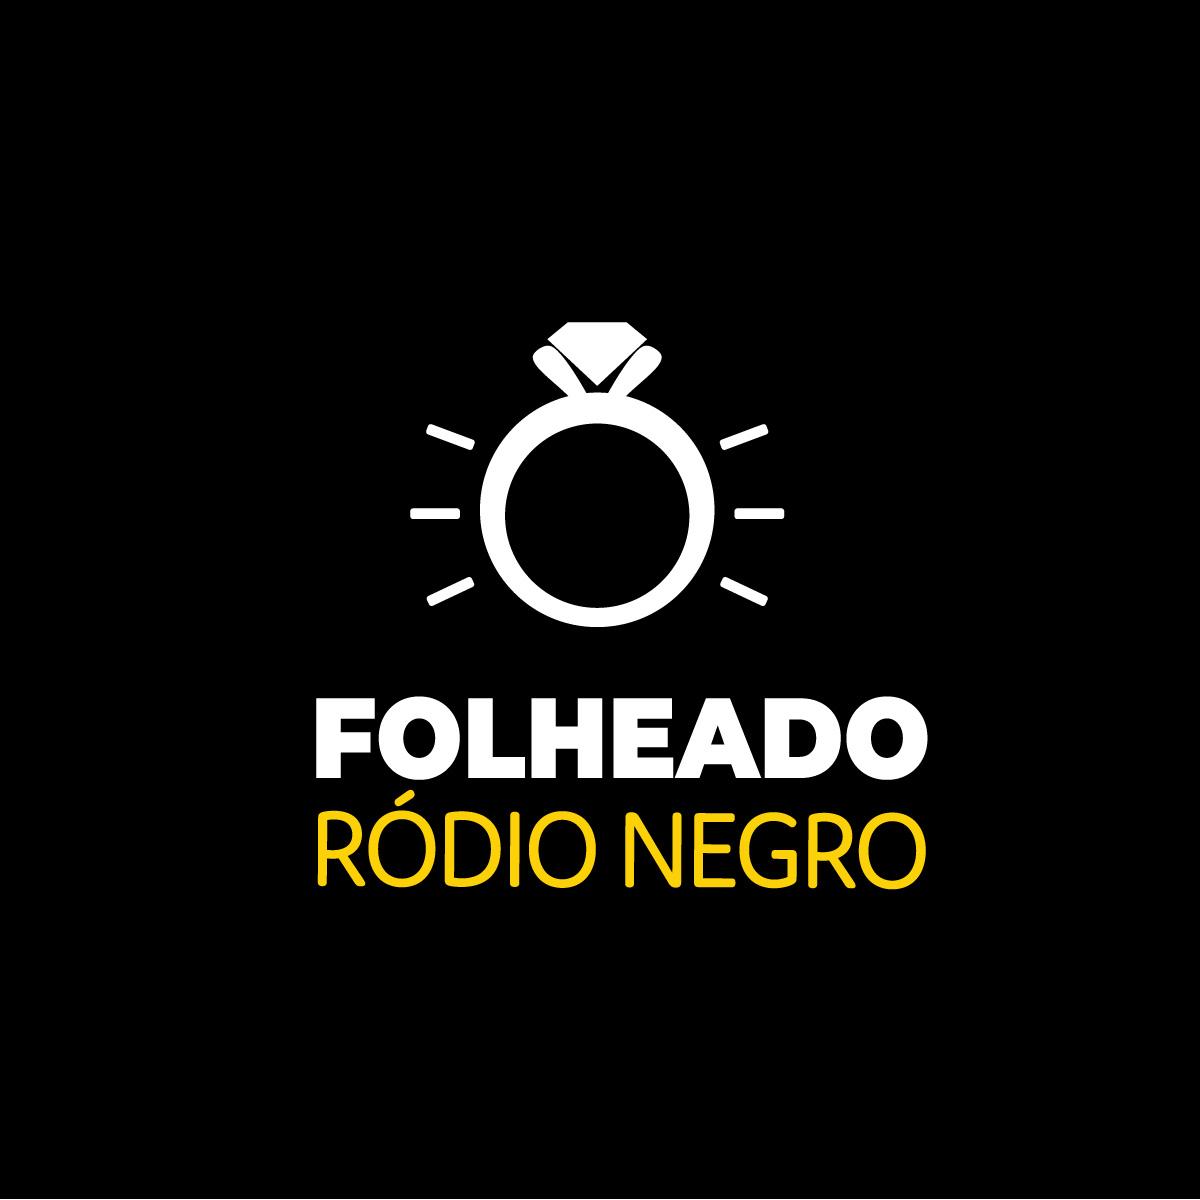 Brinco Gota Pedra Fusion Negra e R. Negro Duquesa Semi joias